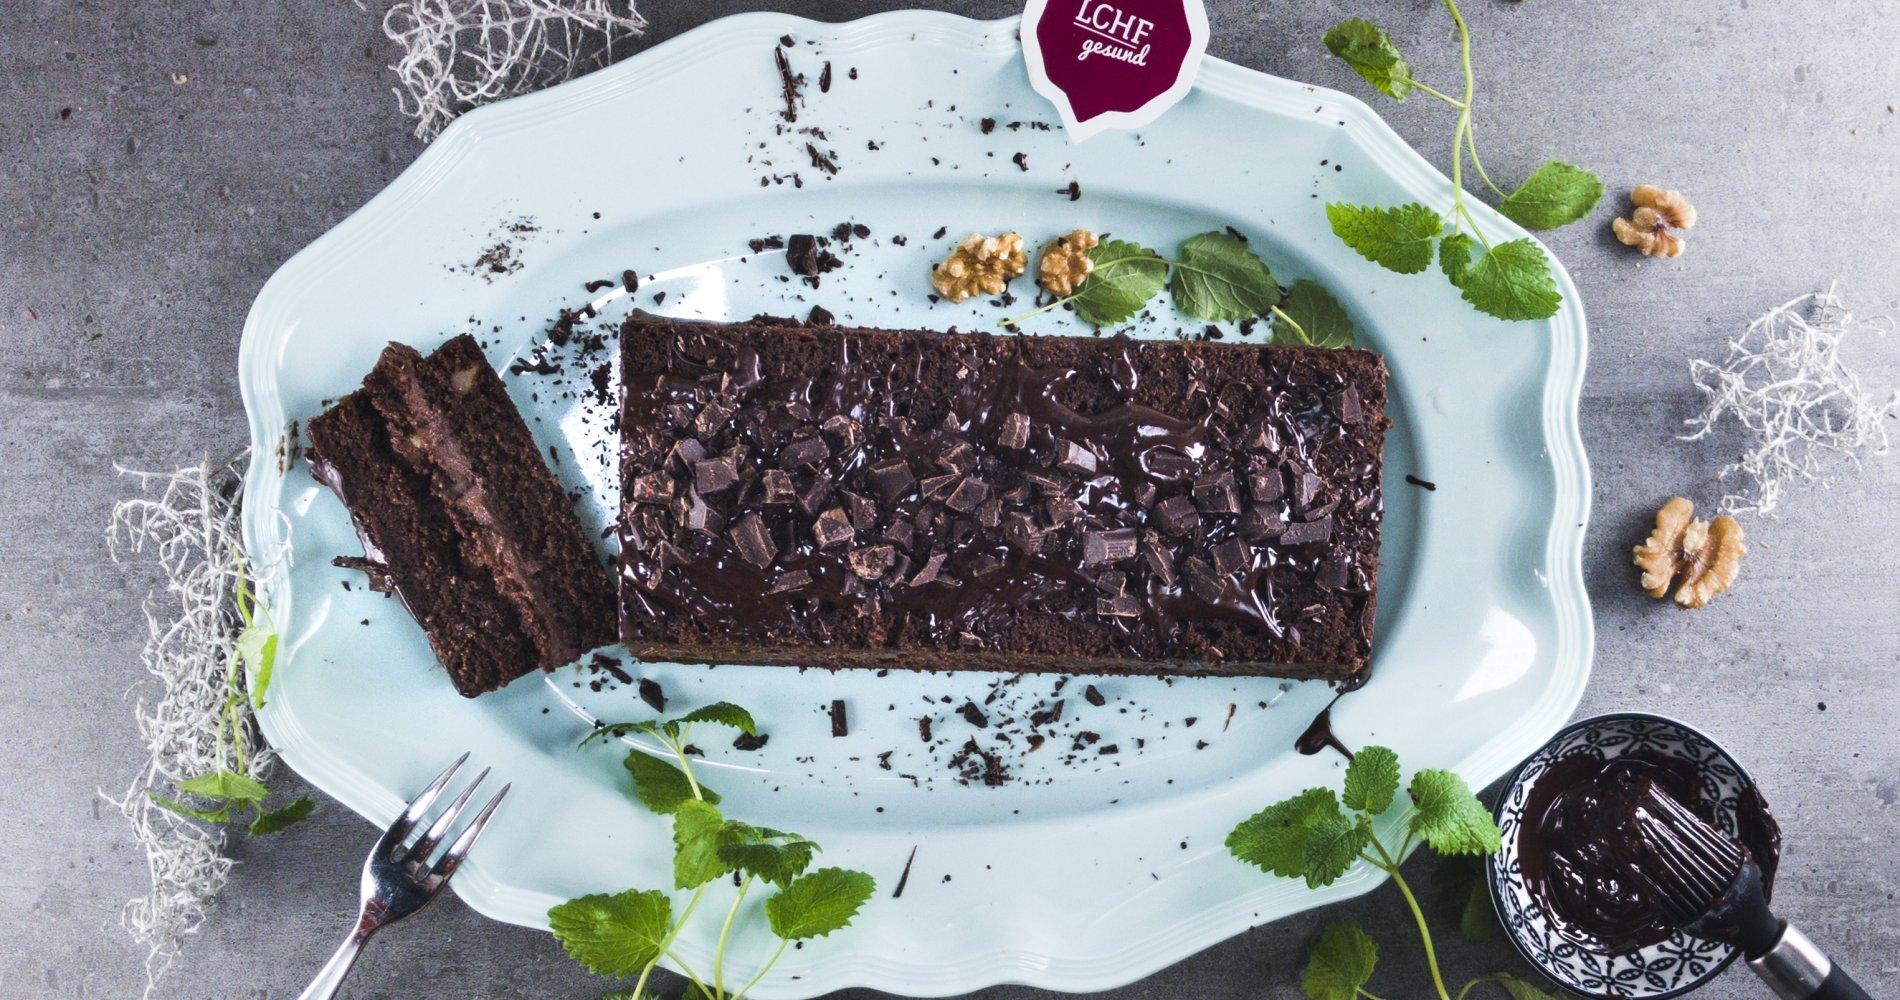 Low Carb Schokoladen Walnuss Kuchen Rezept Low Carb High Fat